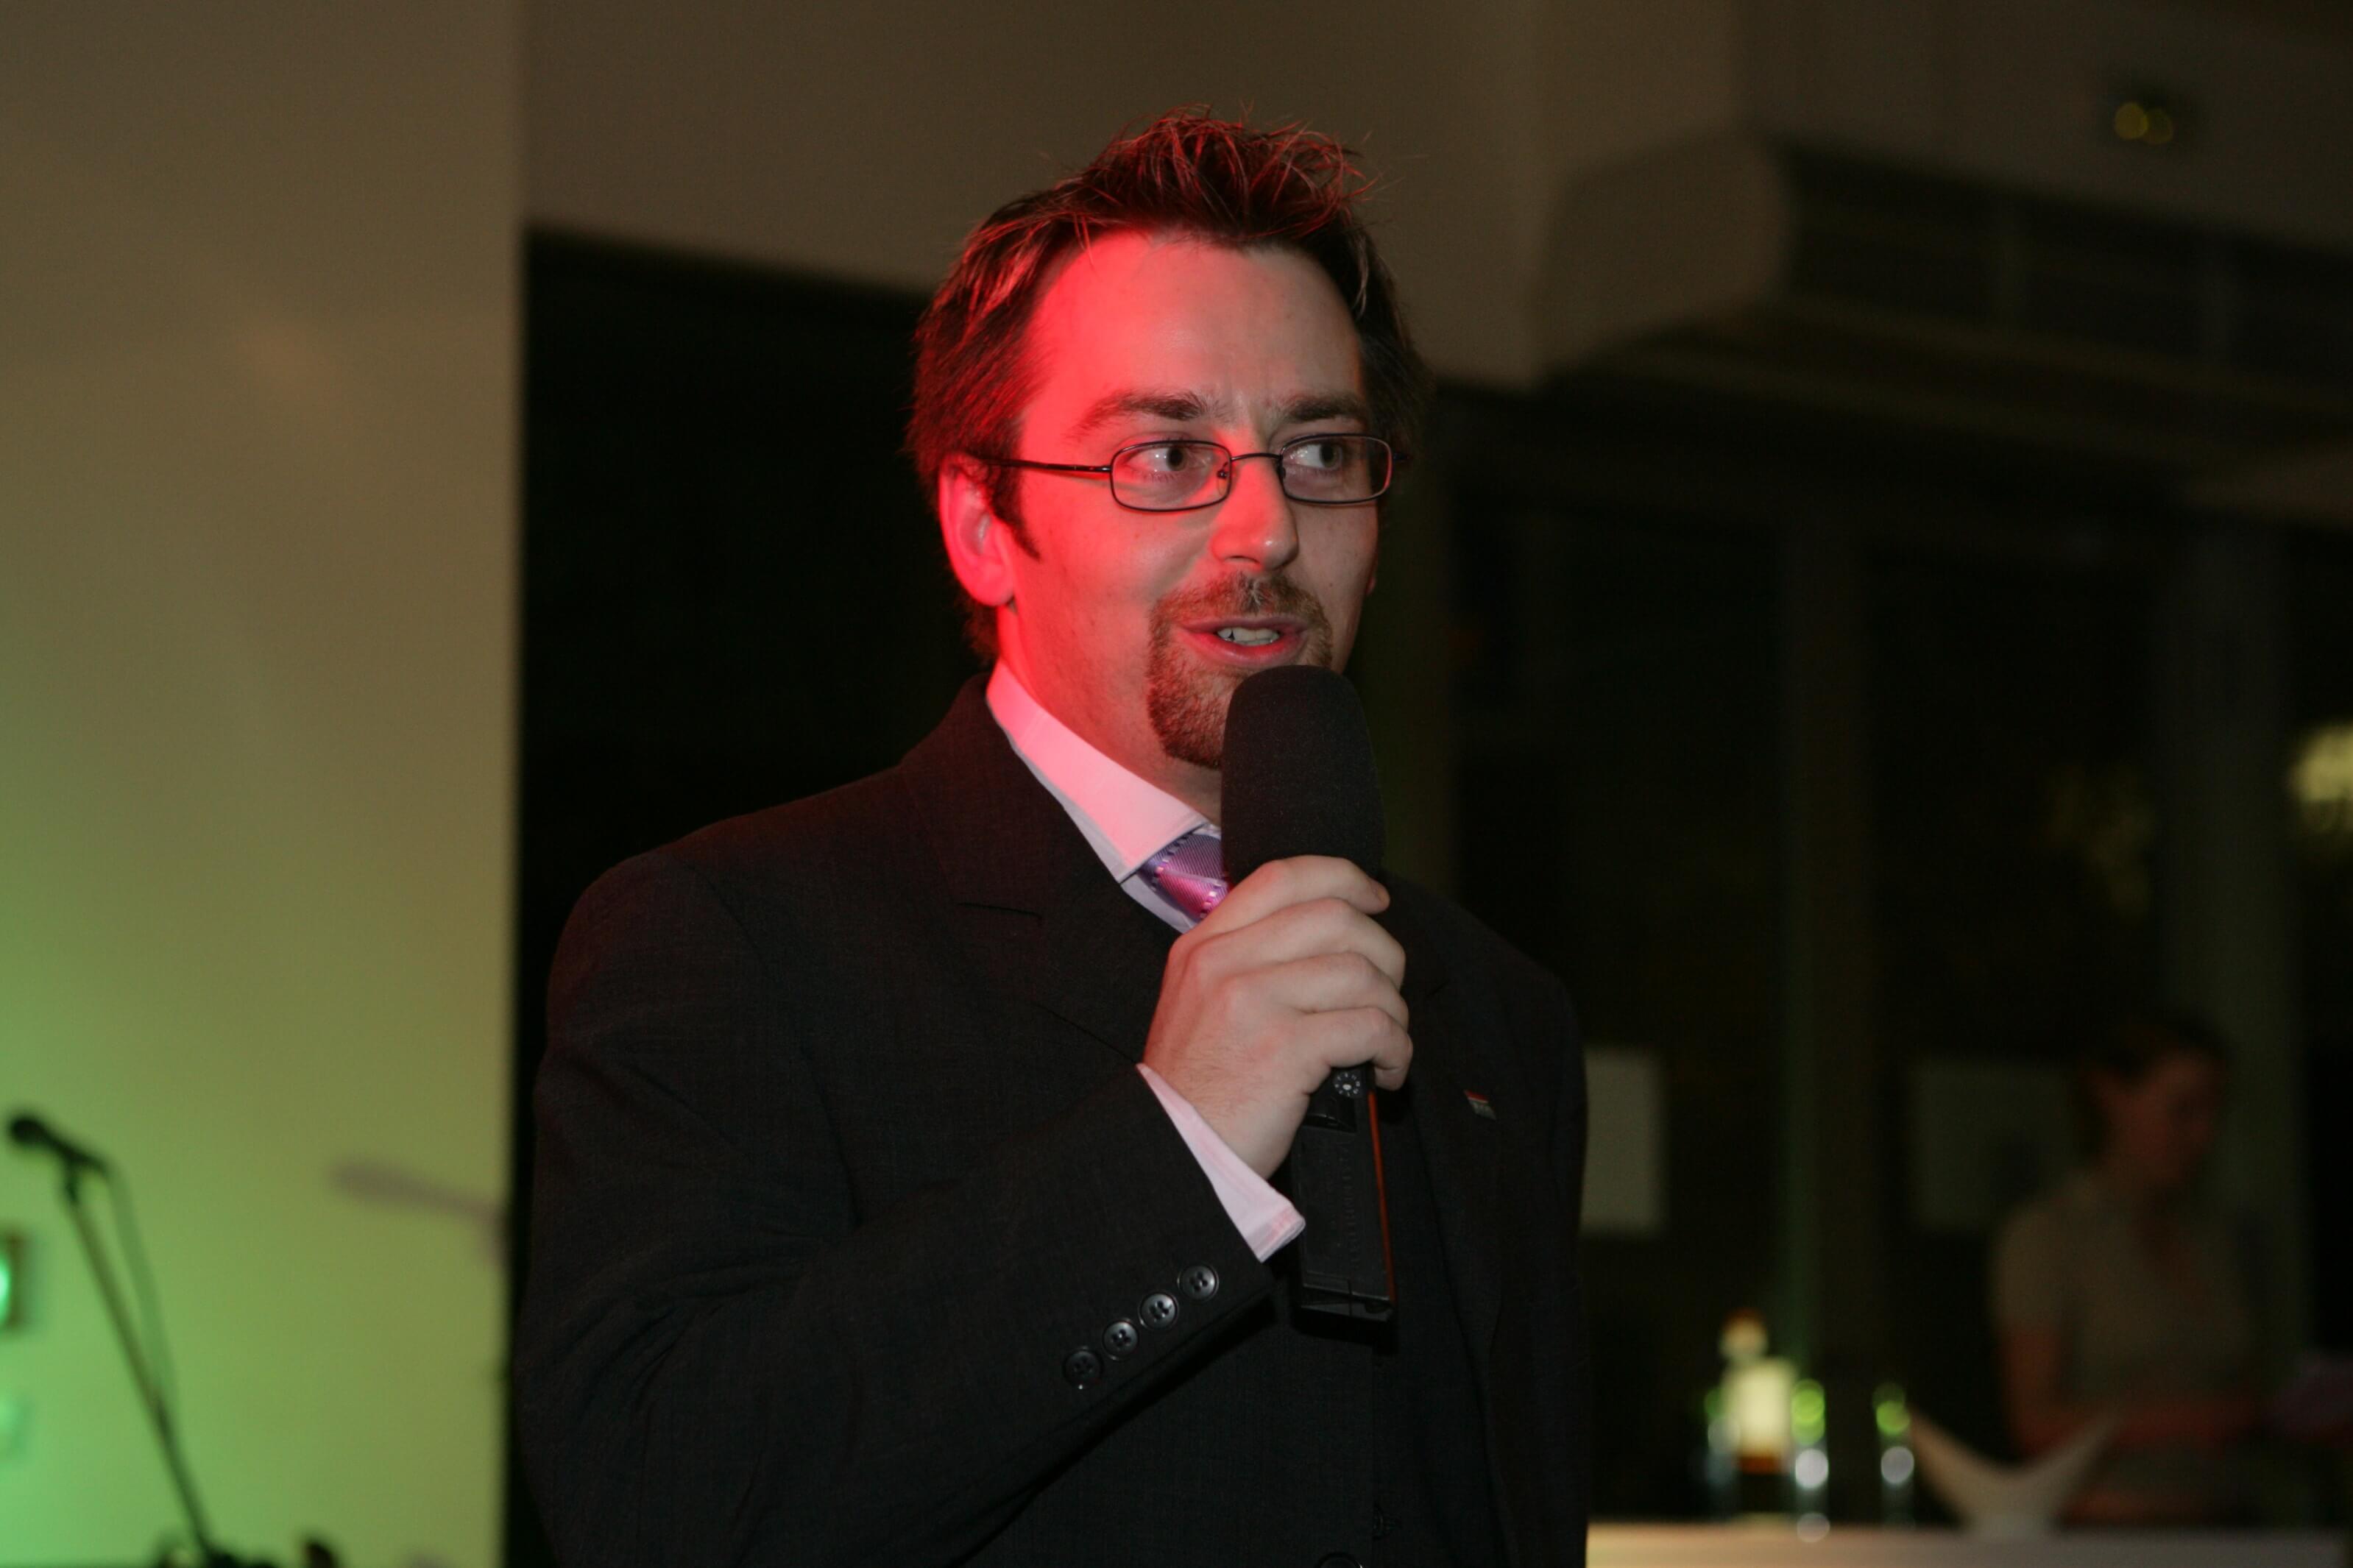 Tomáš Landkamr